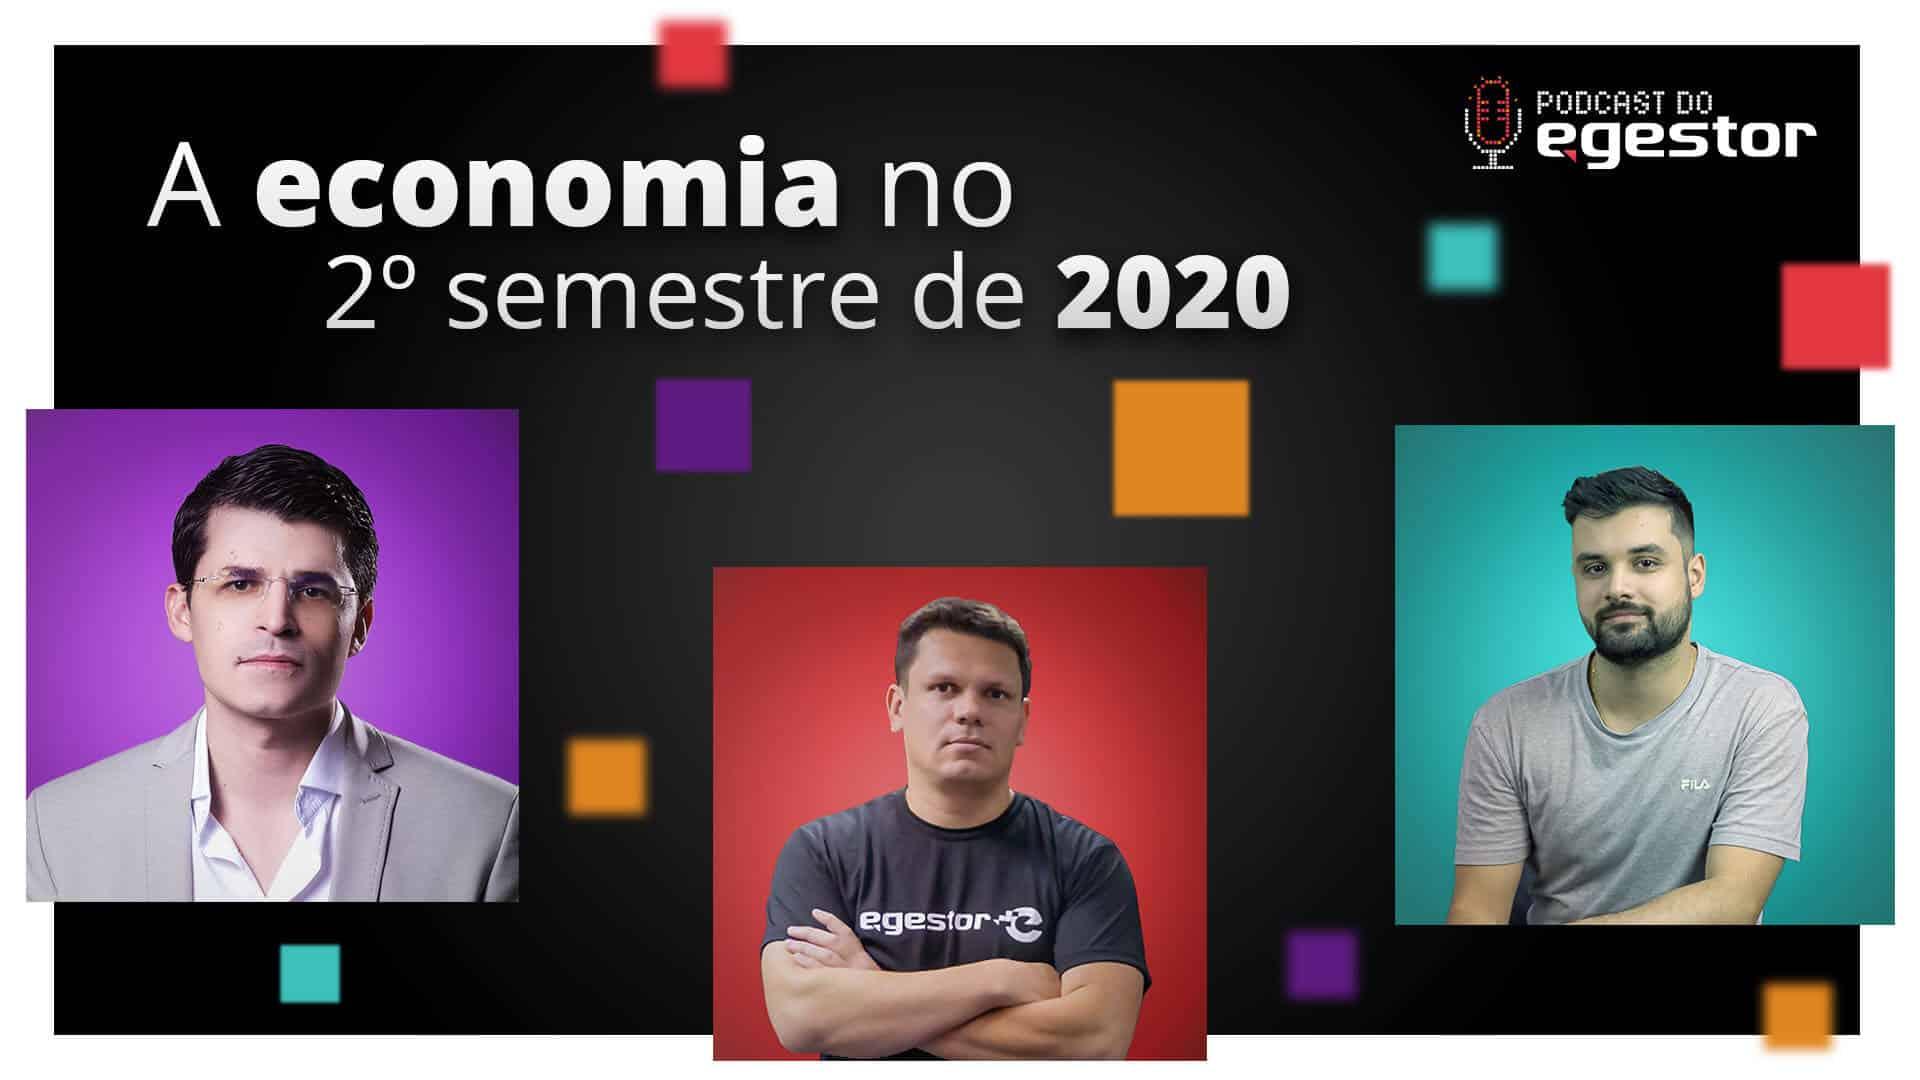 A economia no segundo semestre de 2020